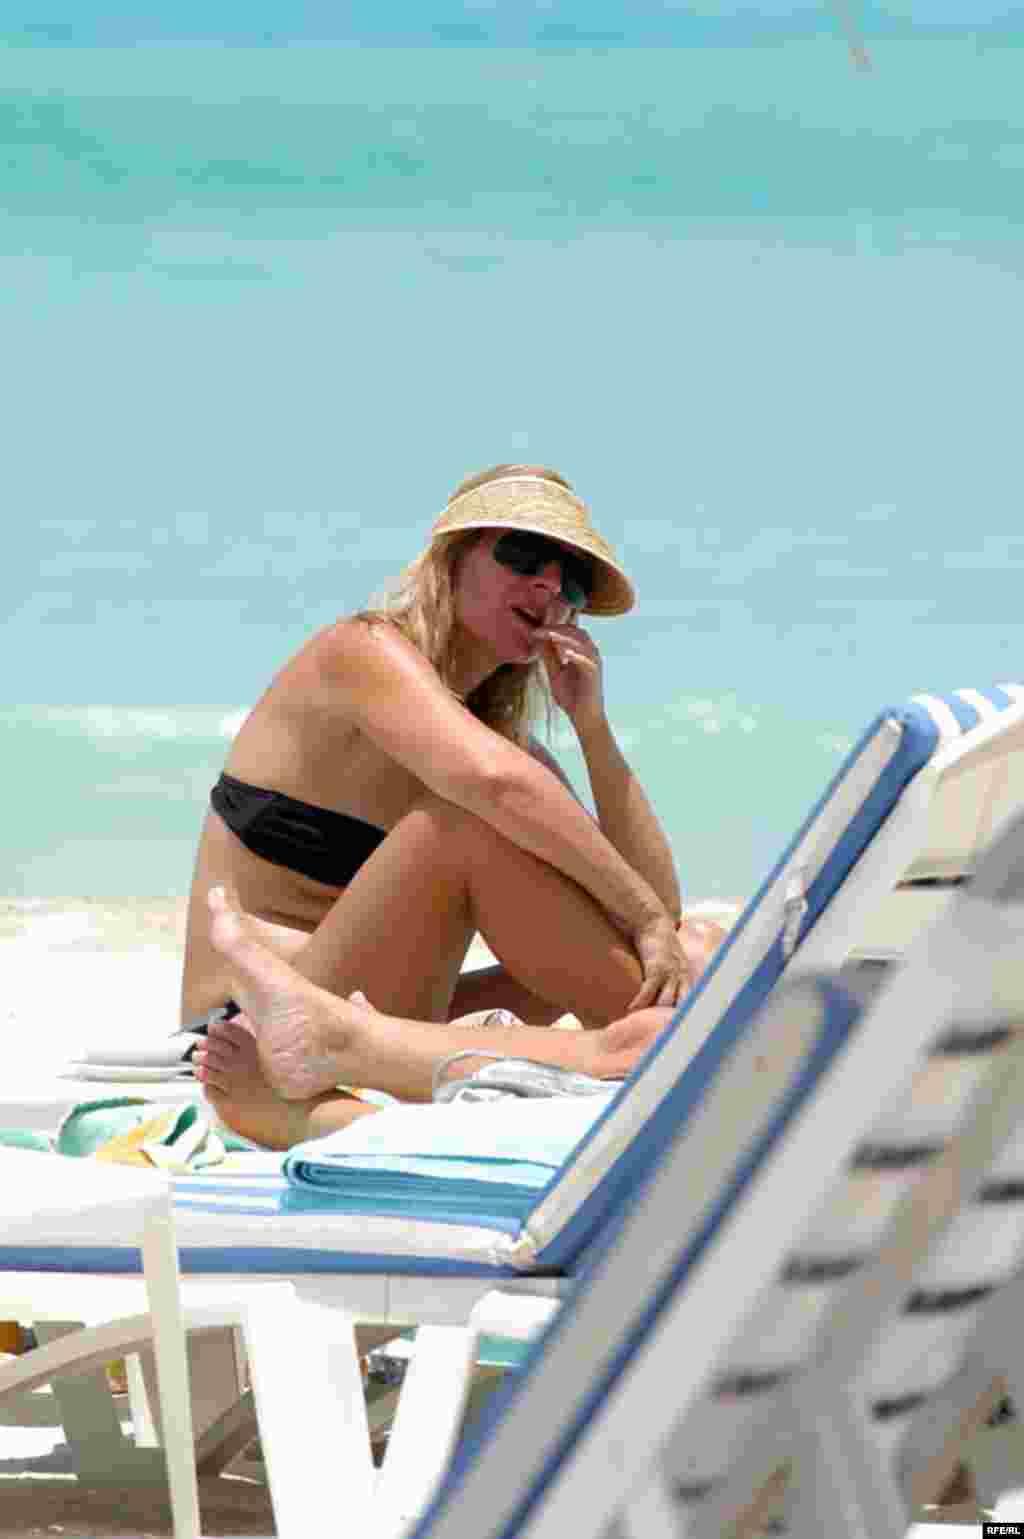 هزینه یک روز استفاده از ساحل و استخری یک هتل ساحلی در دبی کمتر از ۱۰۰ دلار است